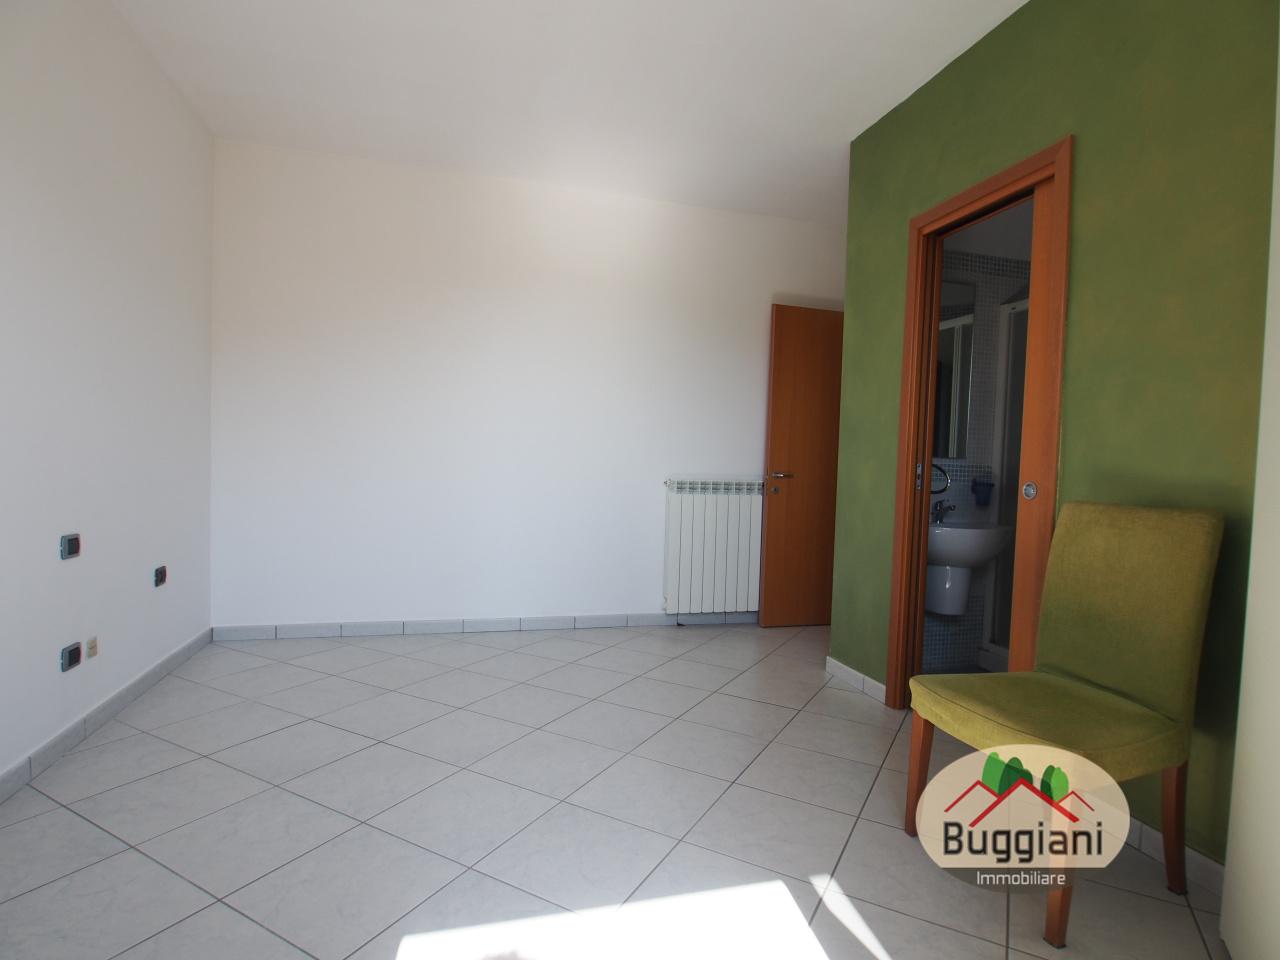 Appartamento in vendita RIF. 1991, San Miniato (PI)